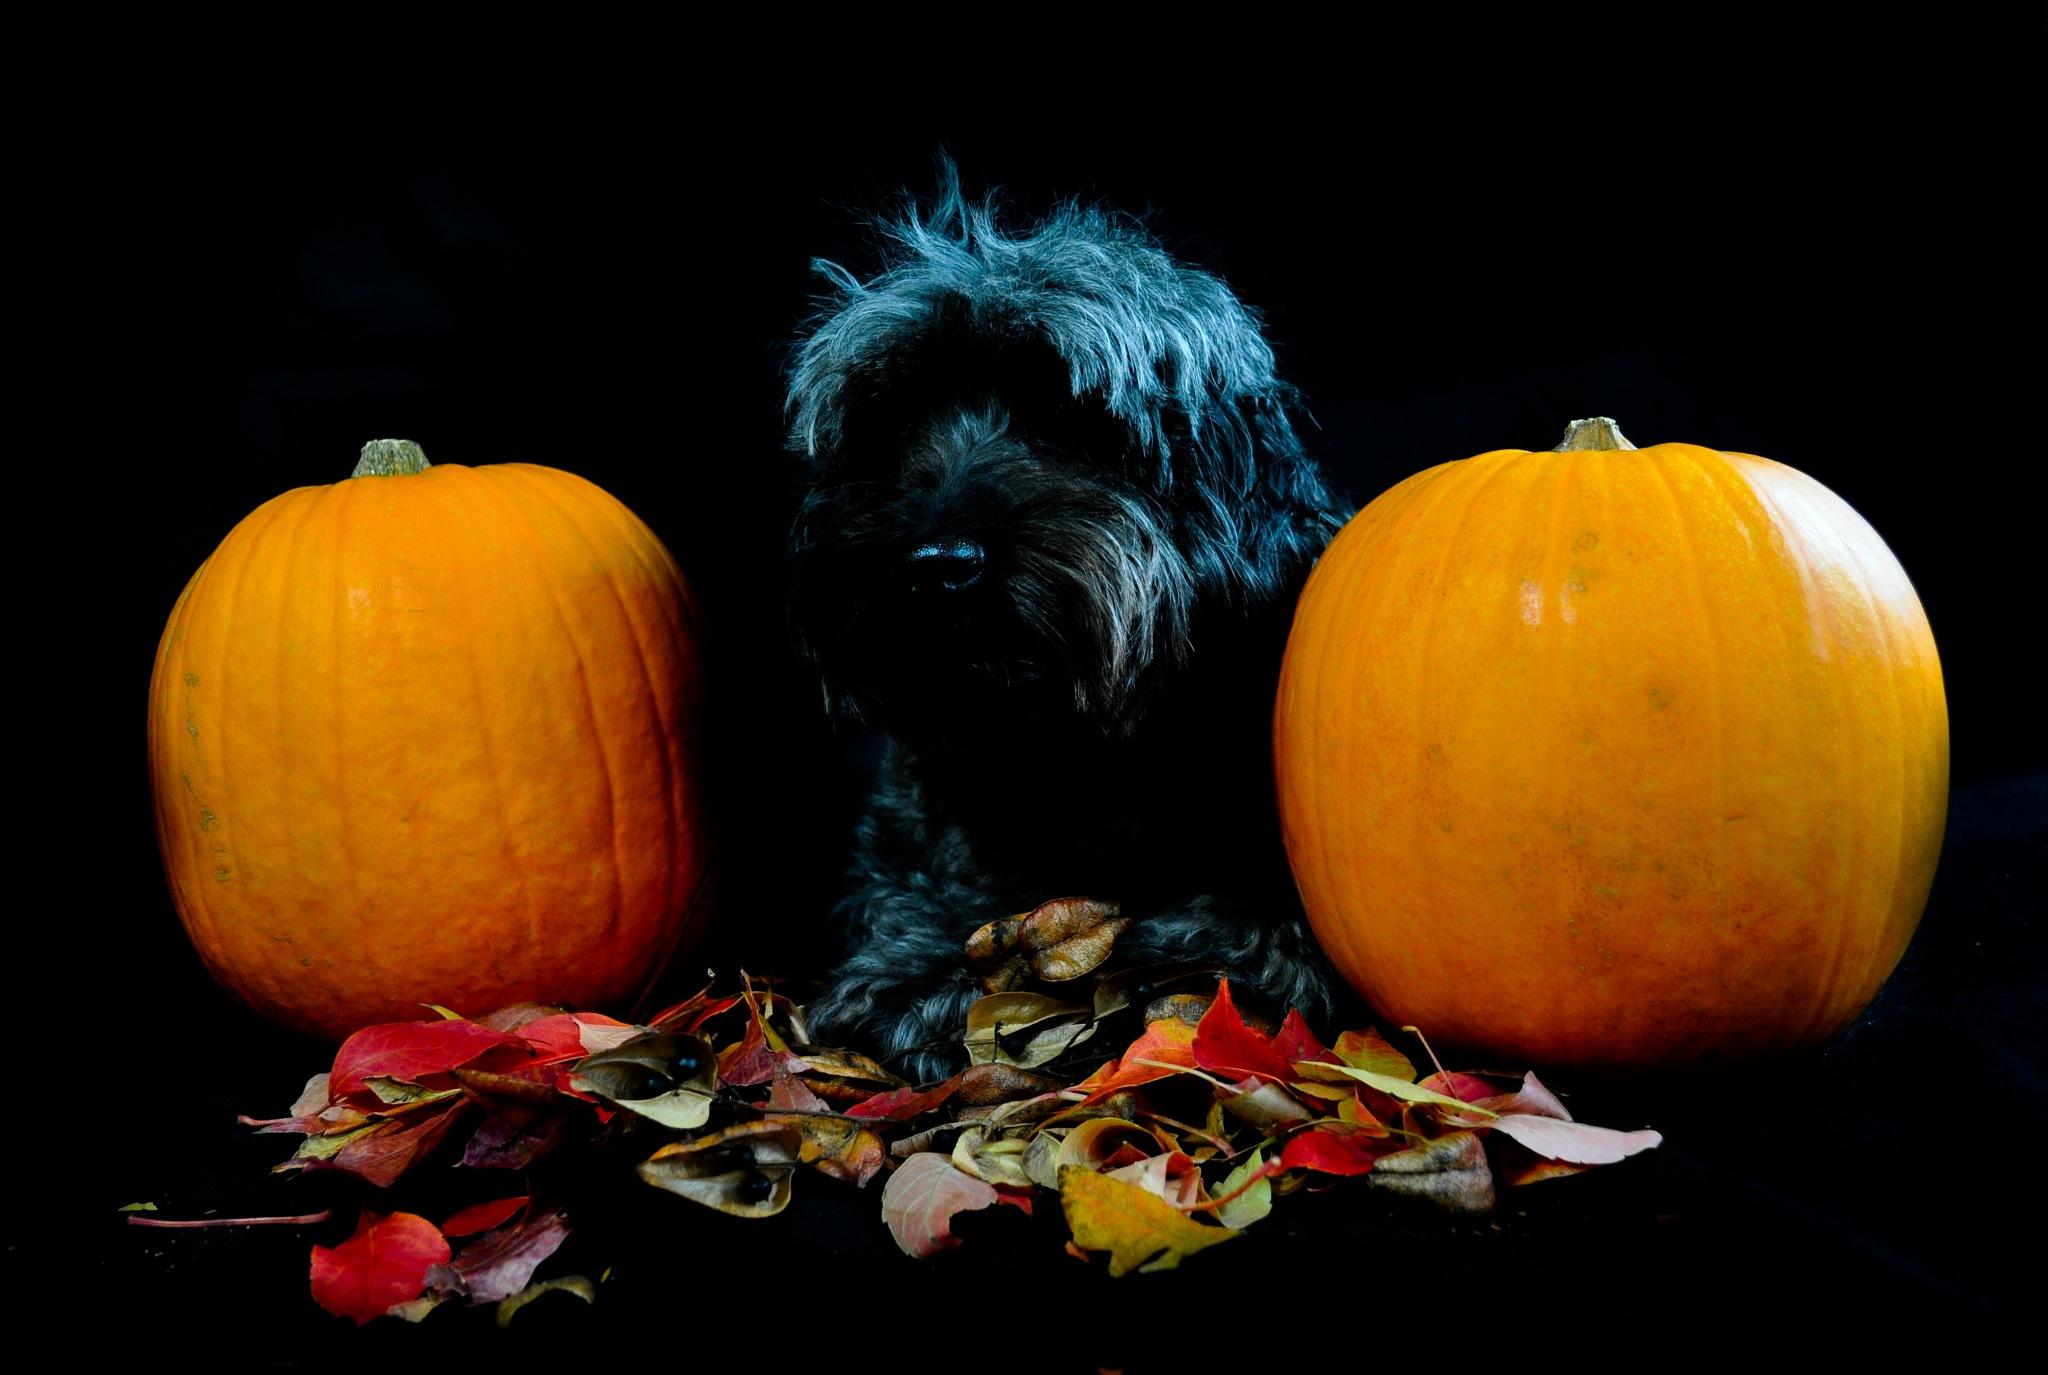 My Little Pumpkin #2 by Bev Laws